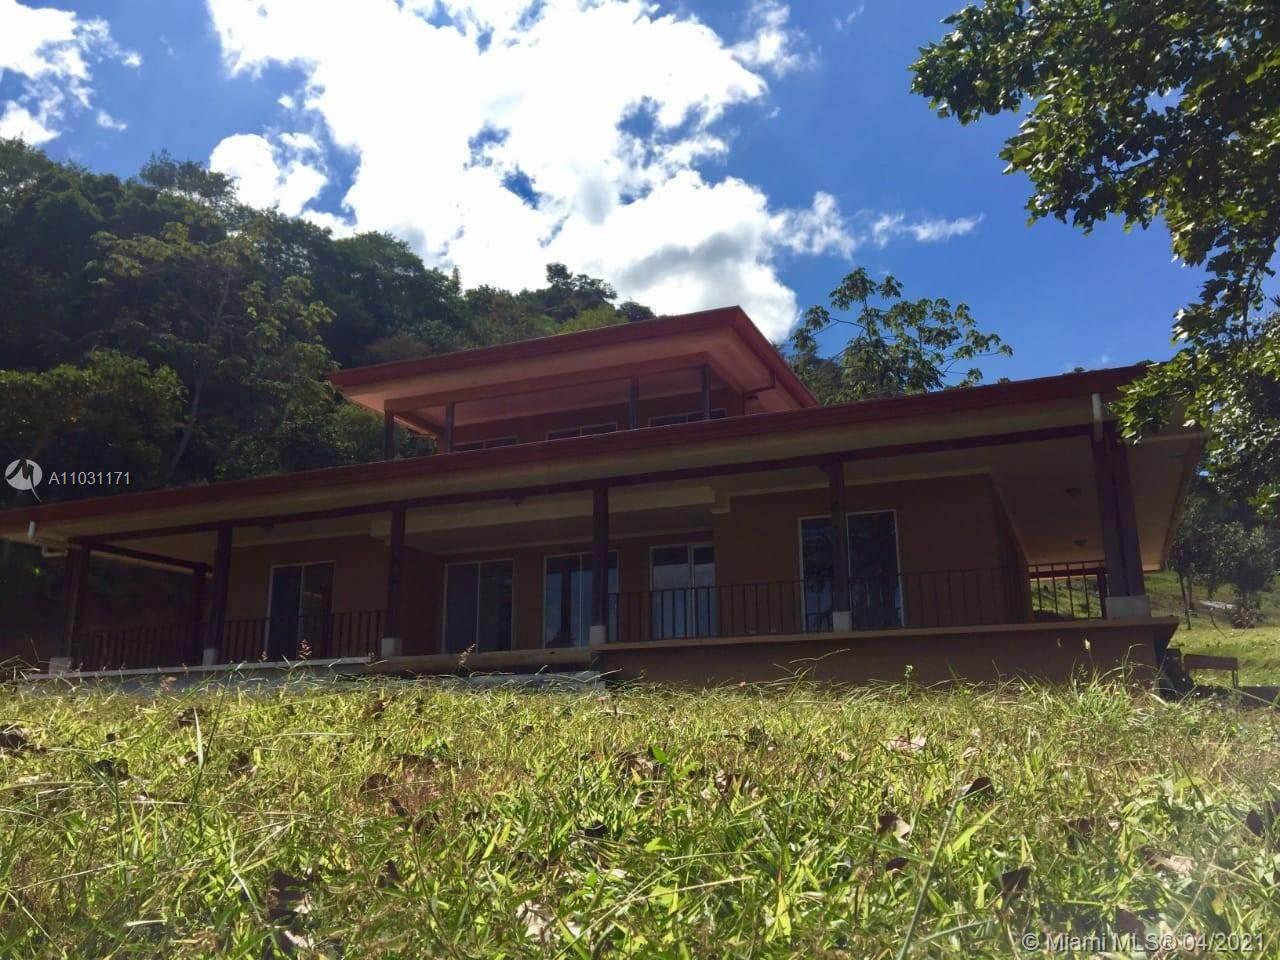 districto 1 Aserri C 6 De La Provincia San Jose - Photo 1